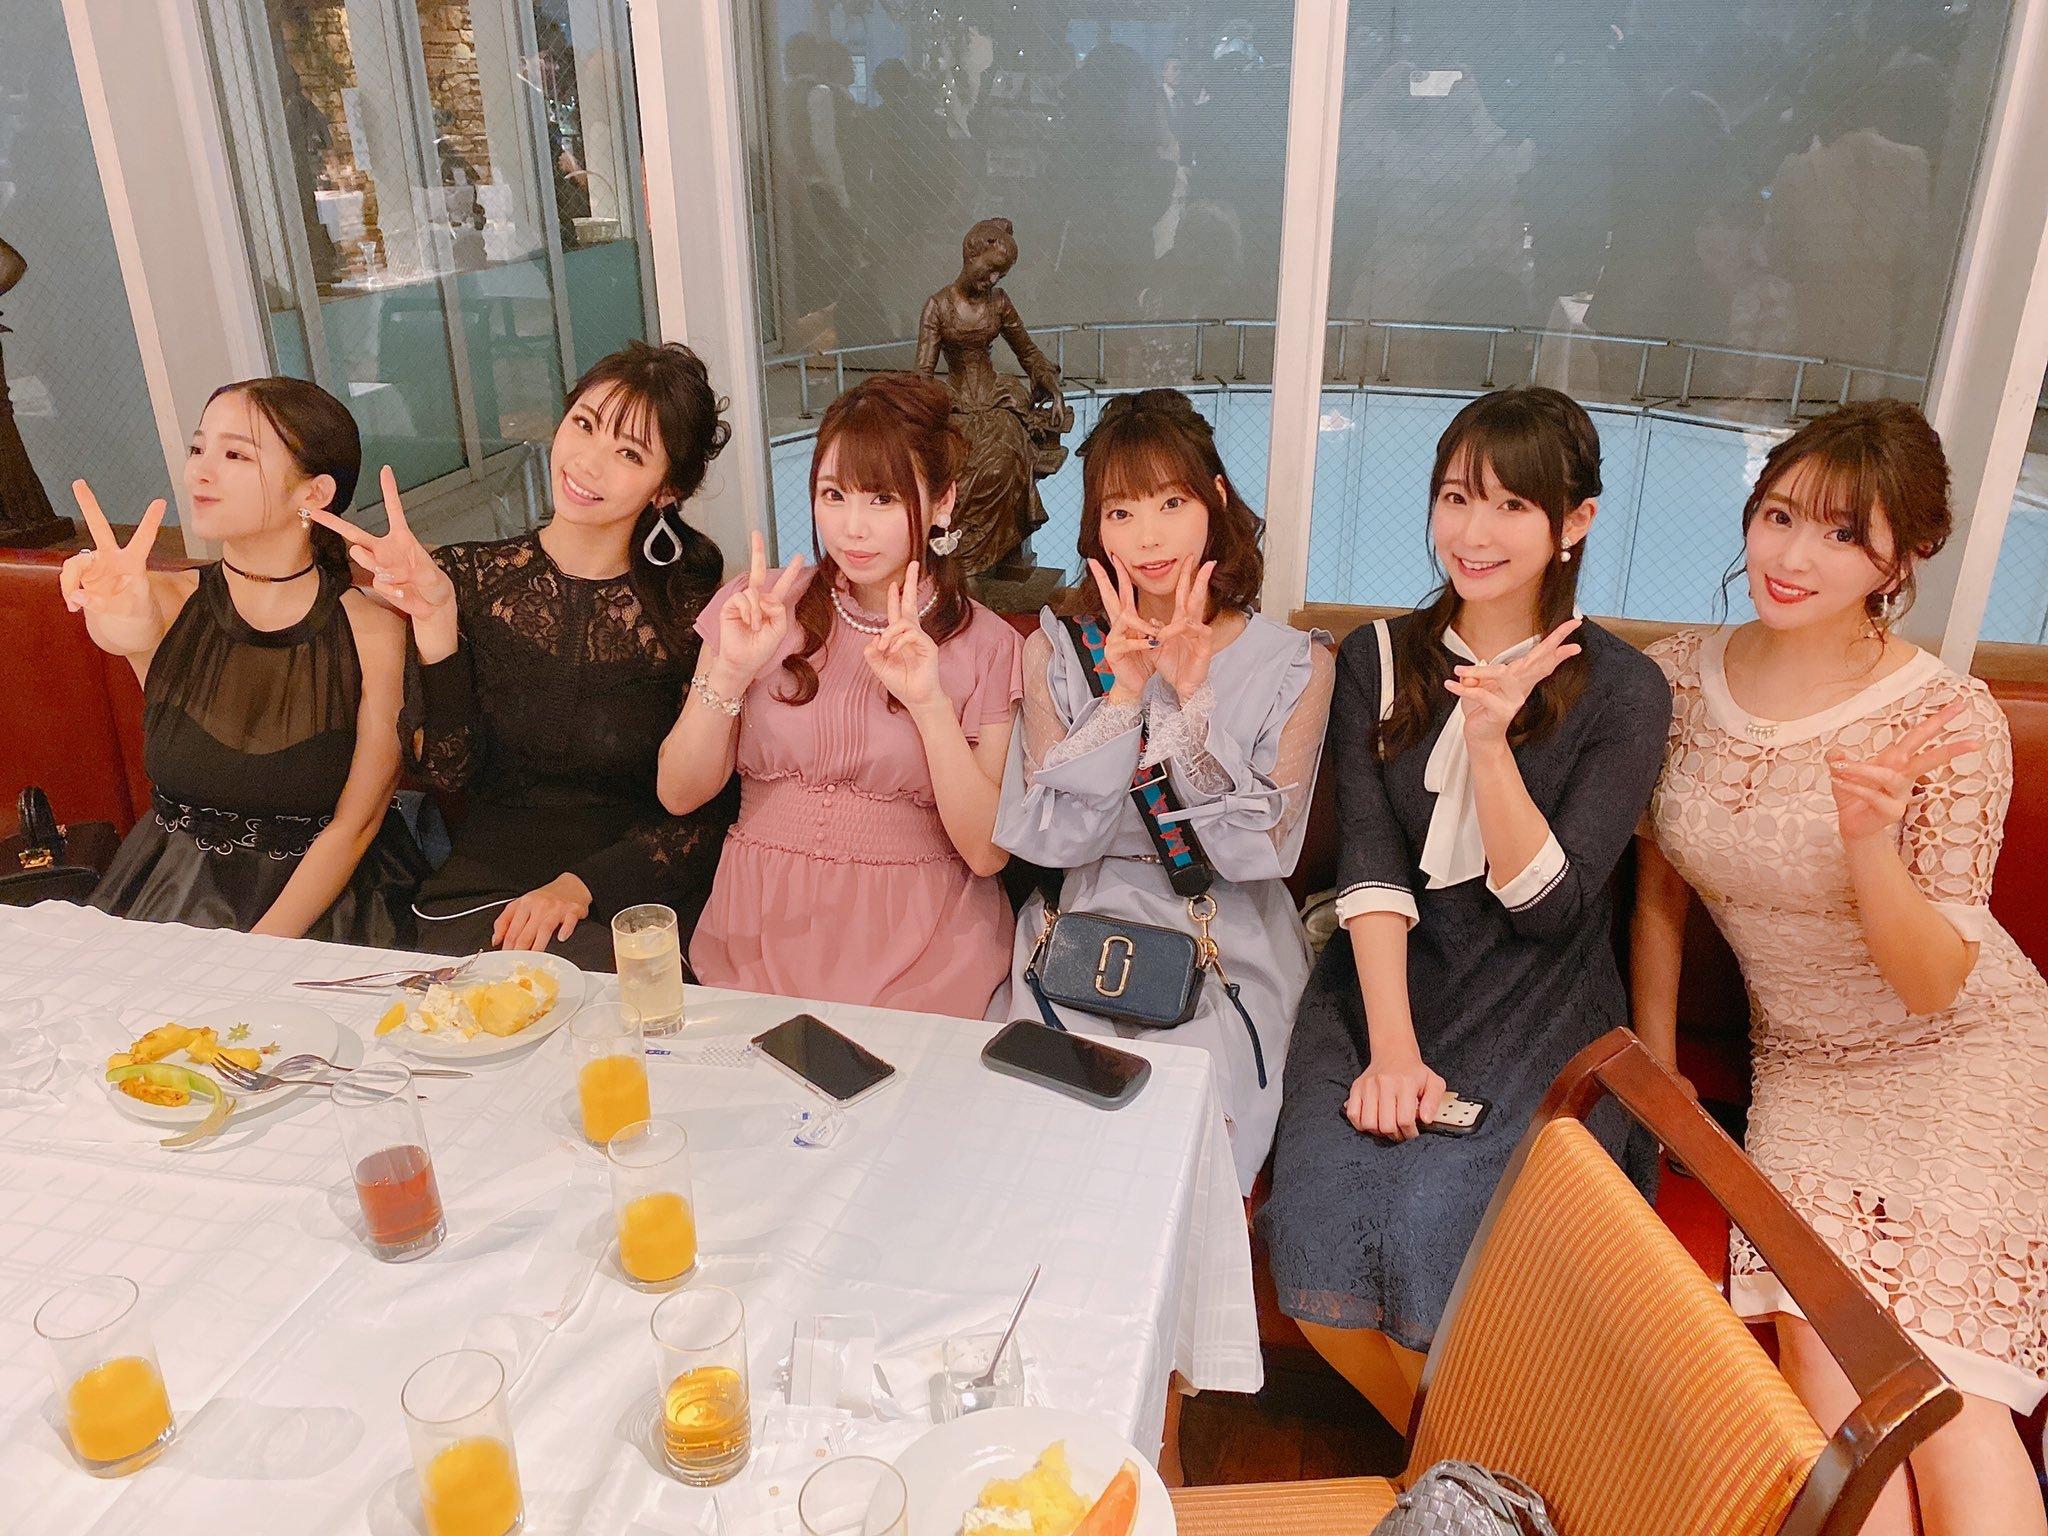 kawasaki__aya 1233696326157619202_p2